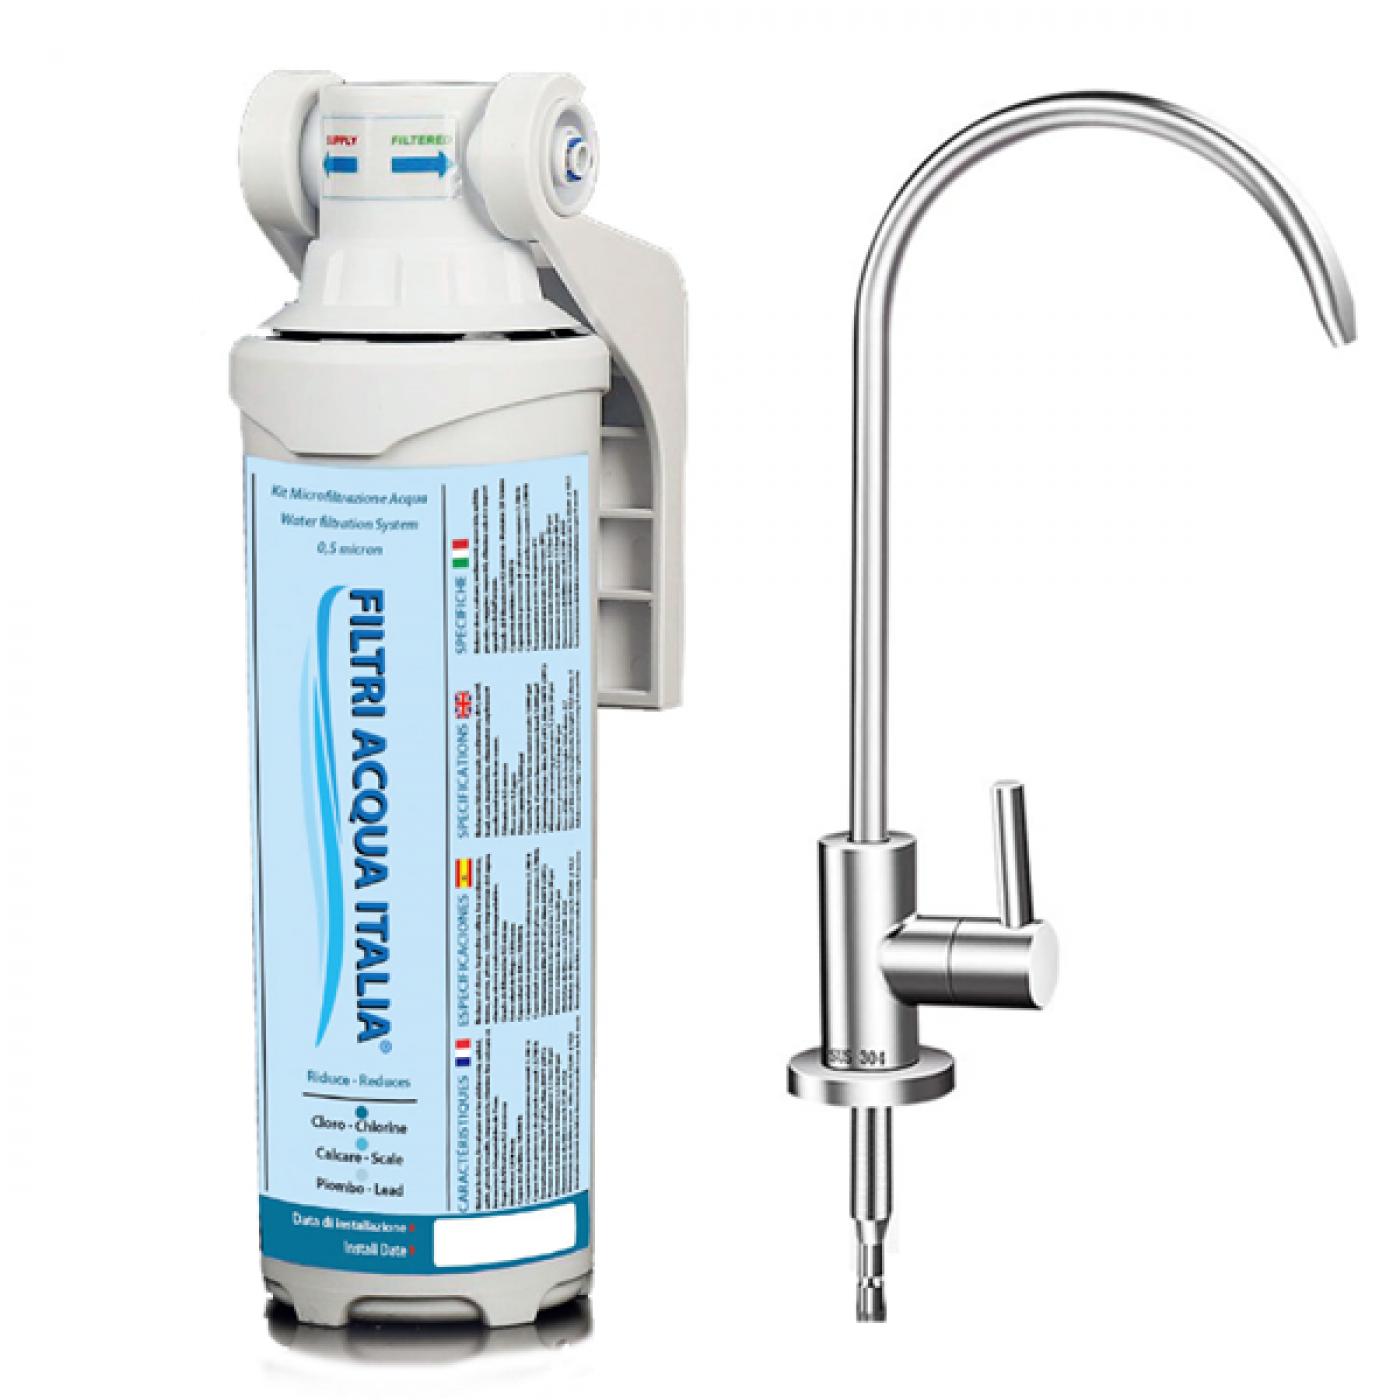 Kit Microfiltrazione Acqua di Filtri Acqua Italia®